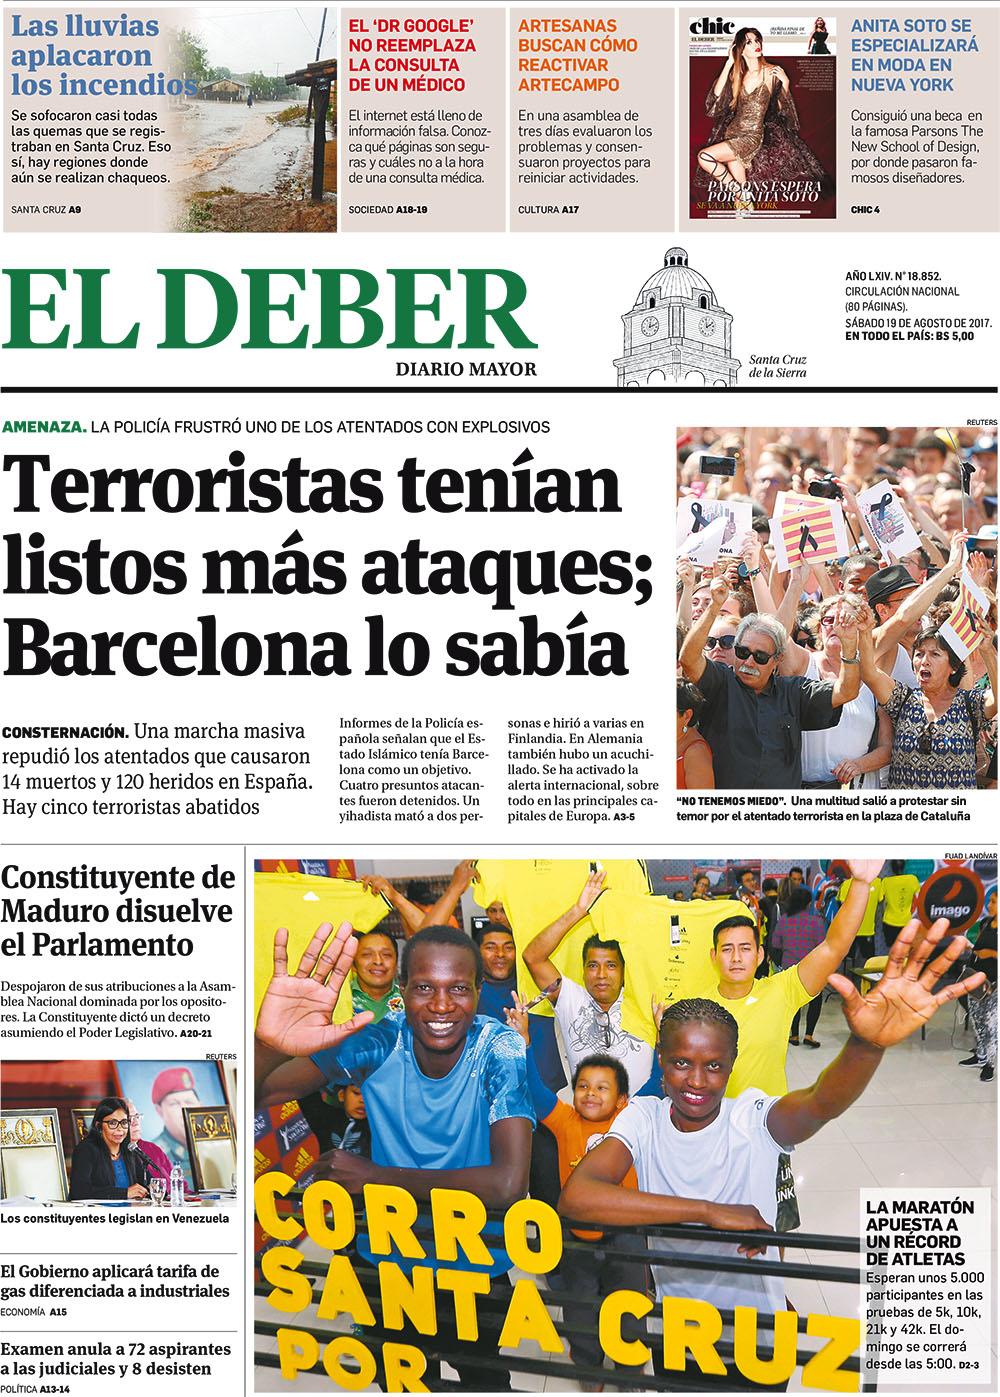 eldeber.com_.bo59997645cc990.jpg